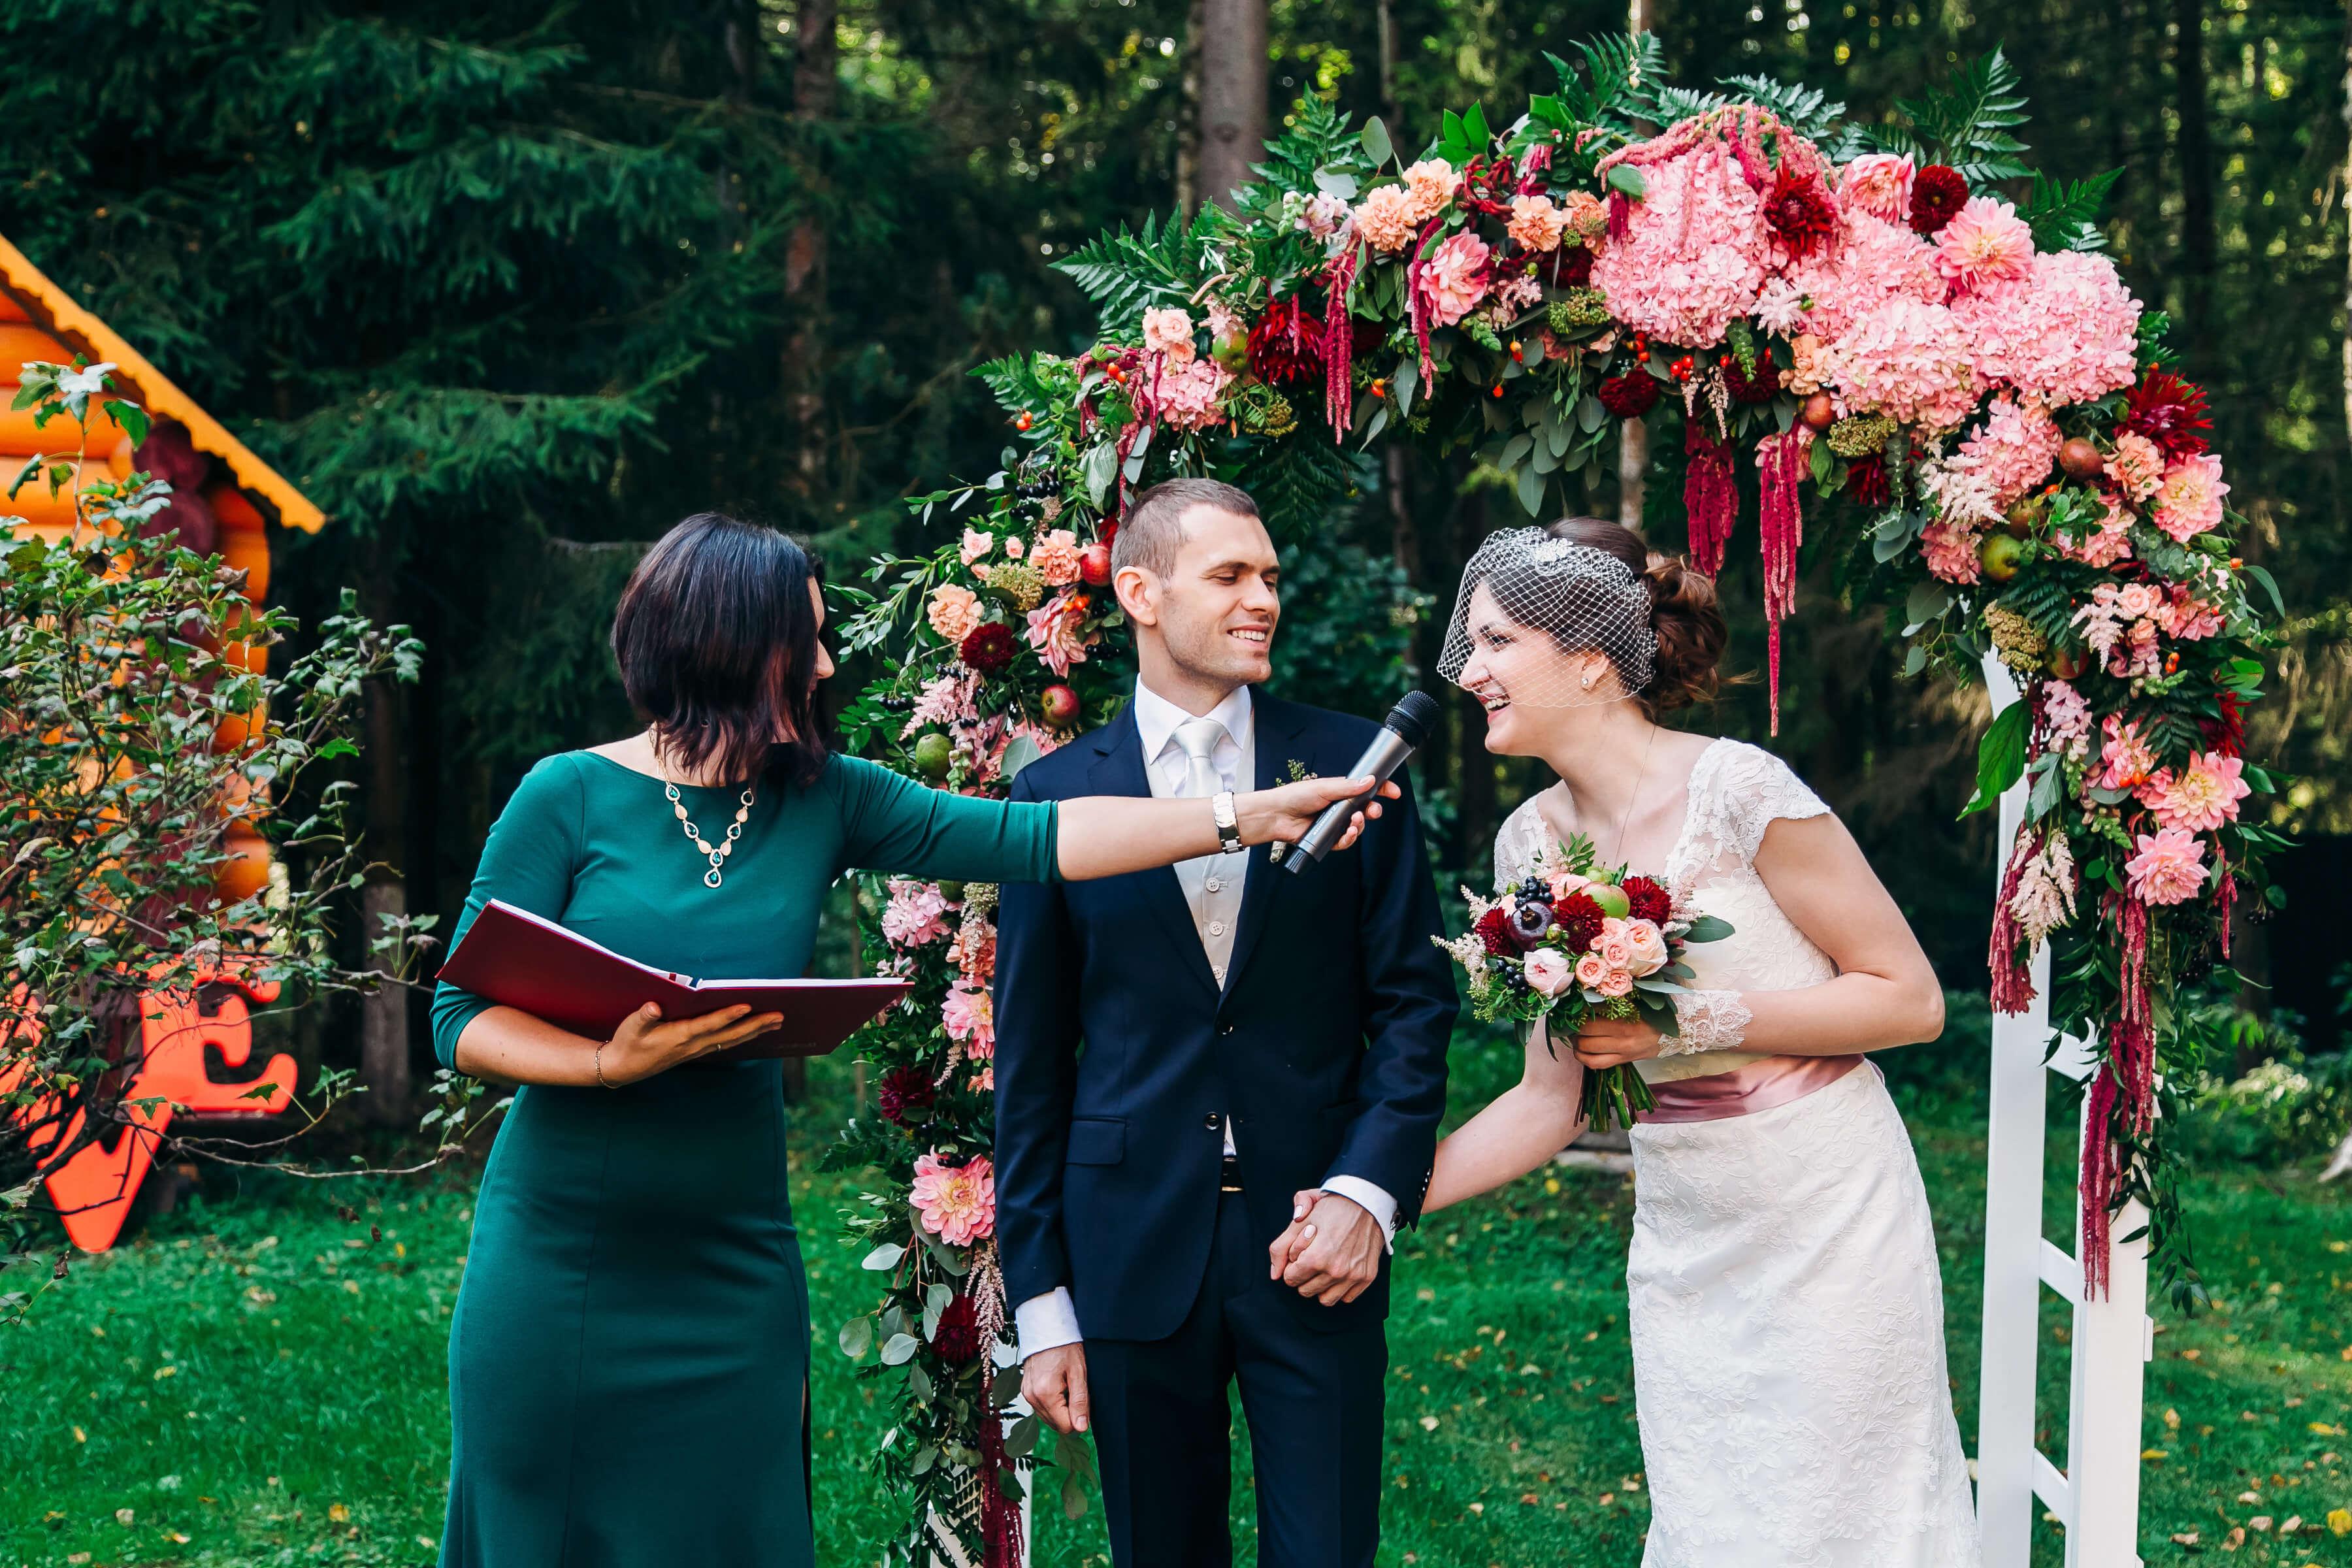 Сколько часов нужно на съемку вашей свадьбы?